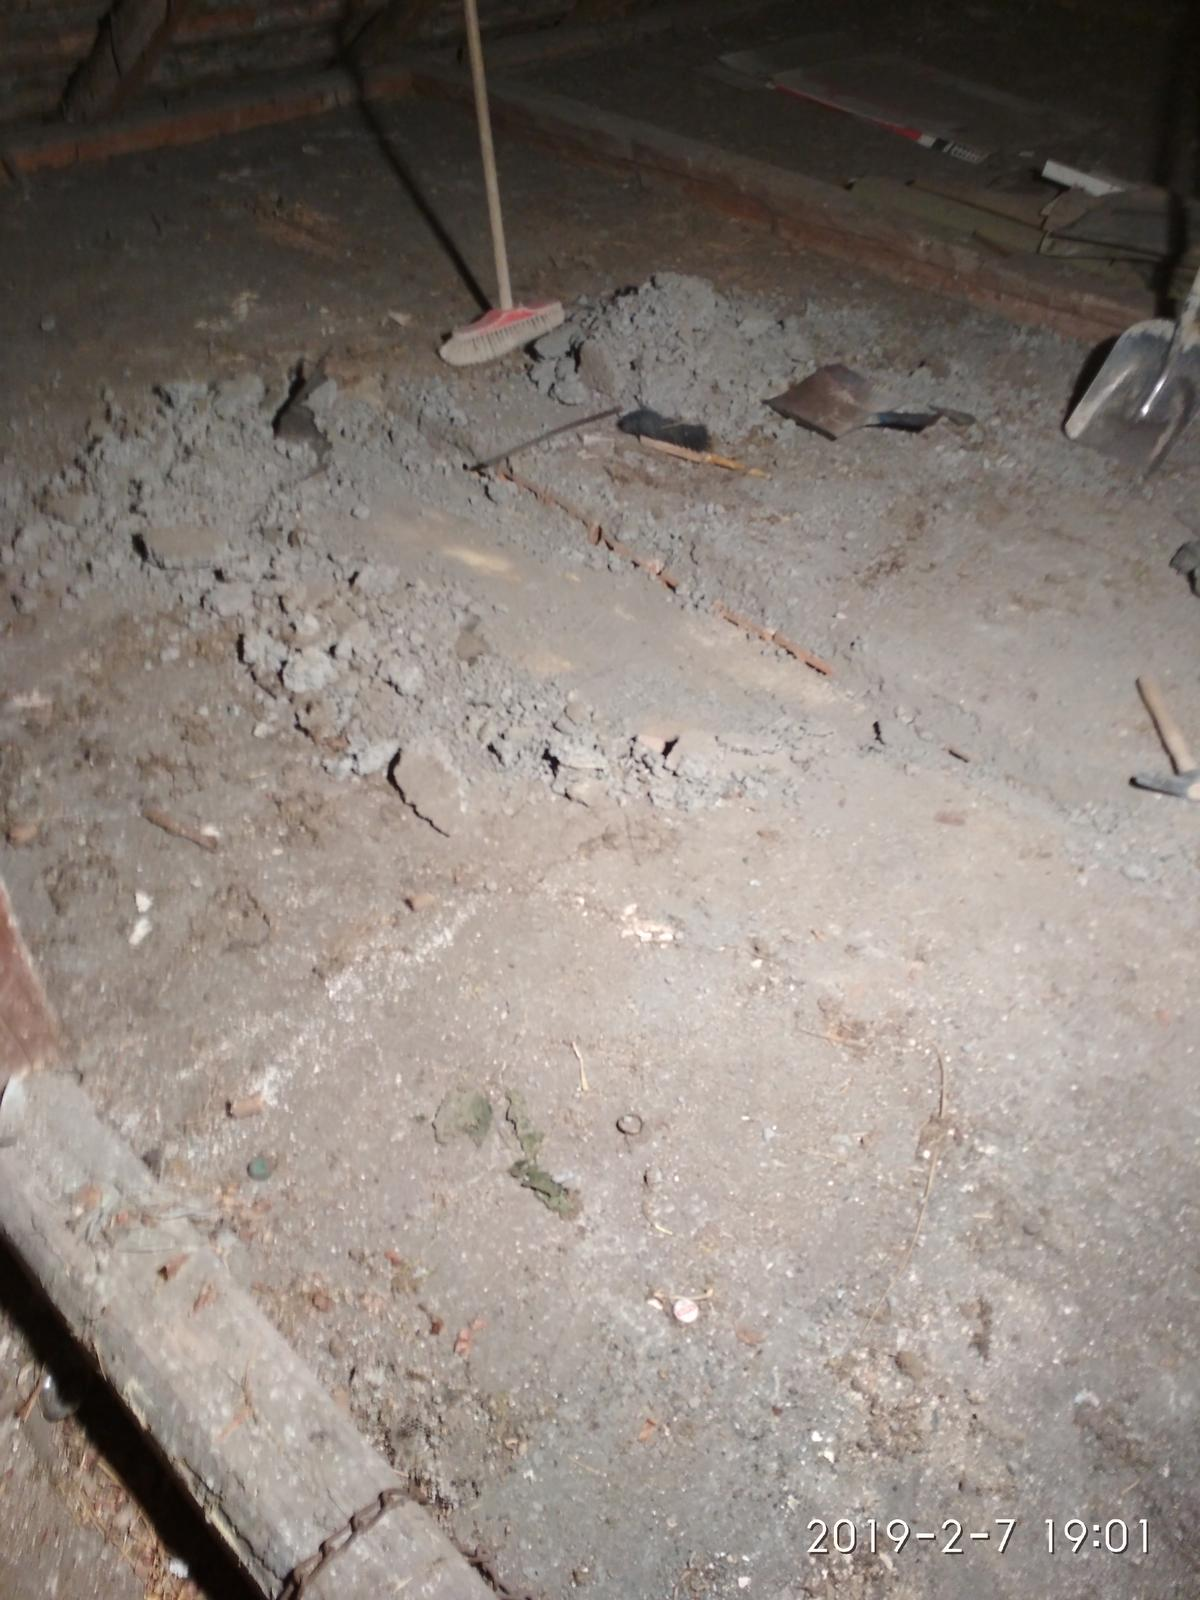 RD Ličartovce rekonštrukcia - Začínam odstraňovať škvárobetón na povale